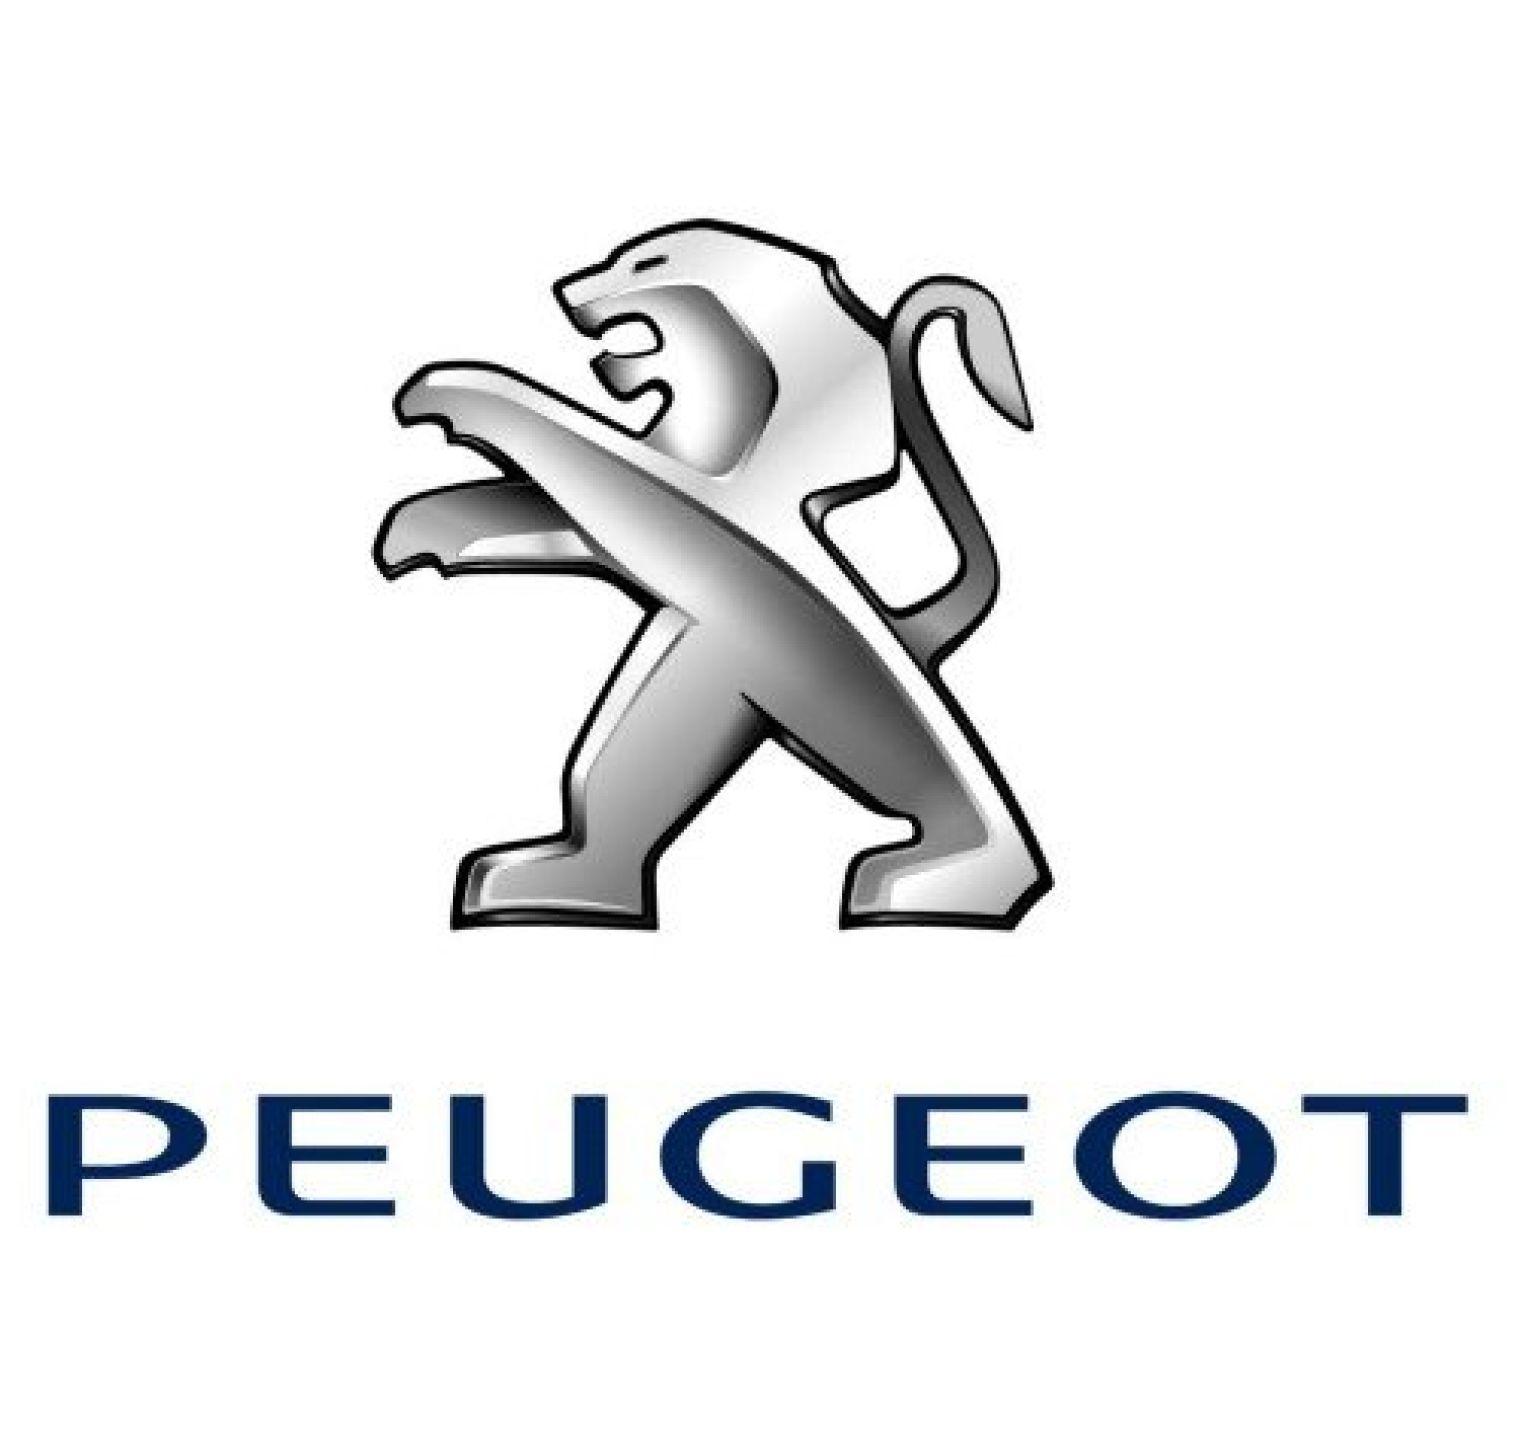 Peugeot 301 (vanaf 2012) - set ruitenwissers Valeo Silencio flatblade